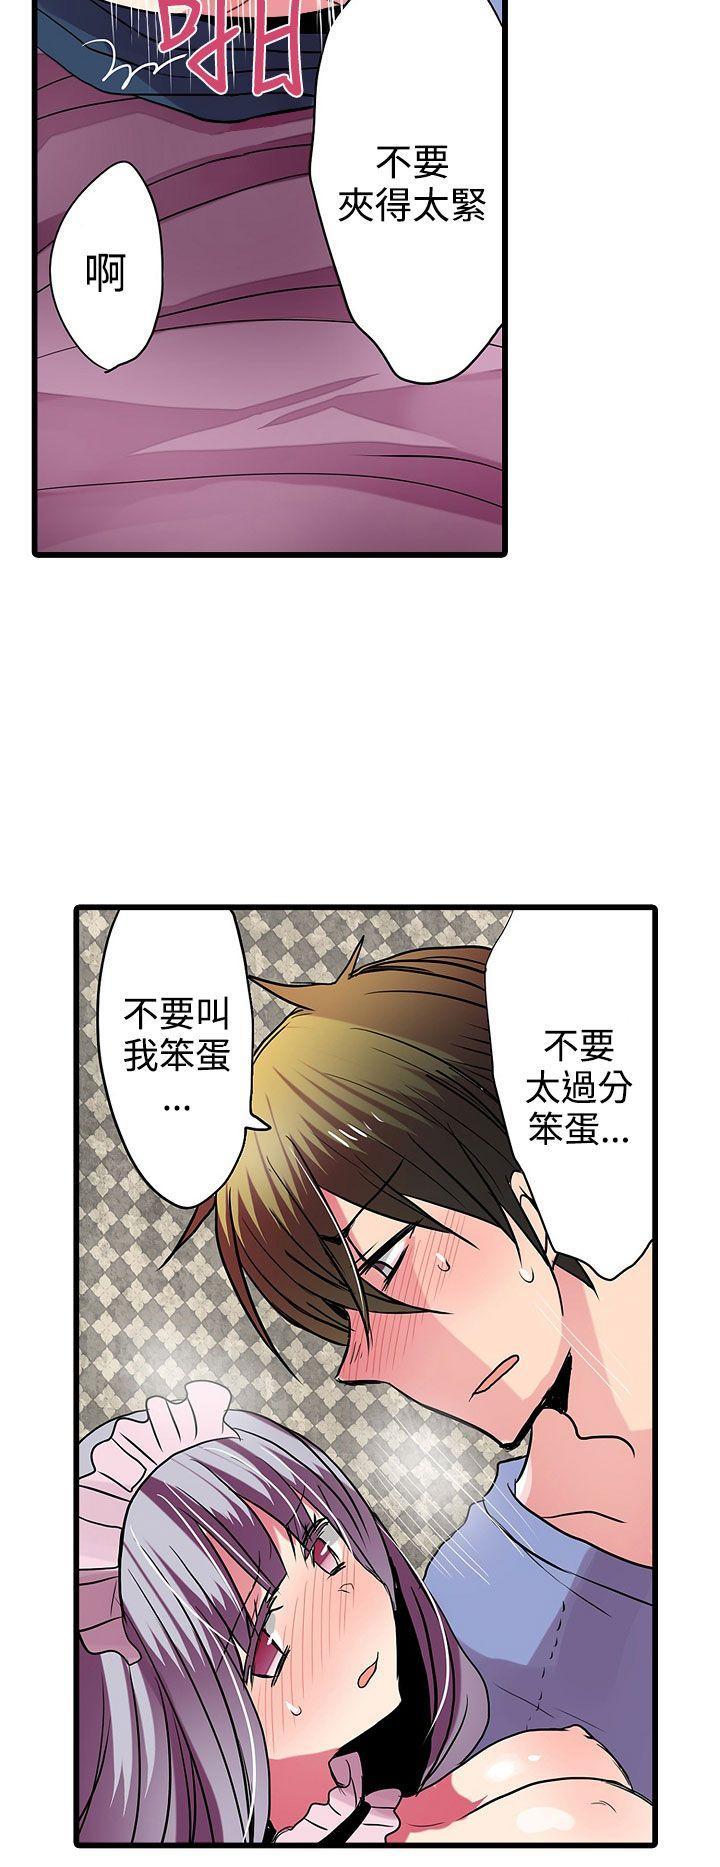 凌辱贩卖机-第28话全彩韩漫标签